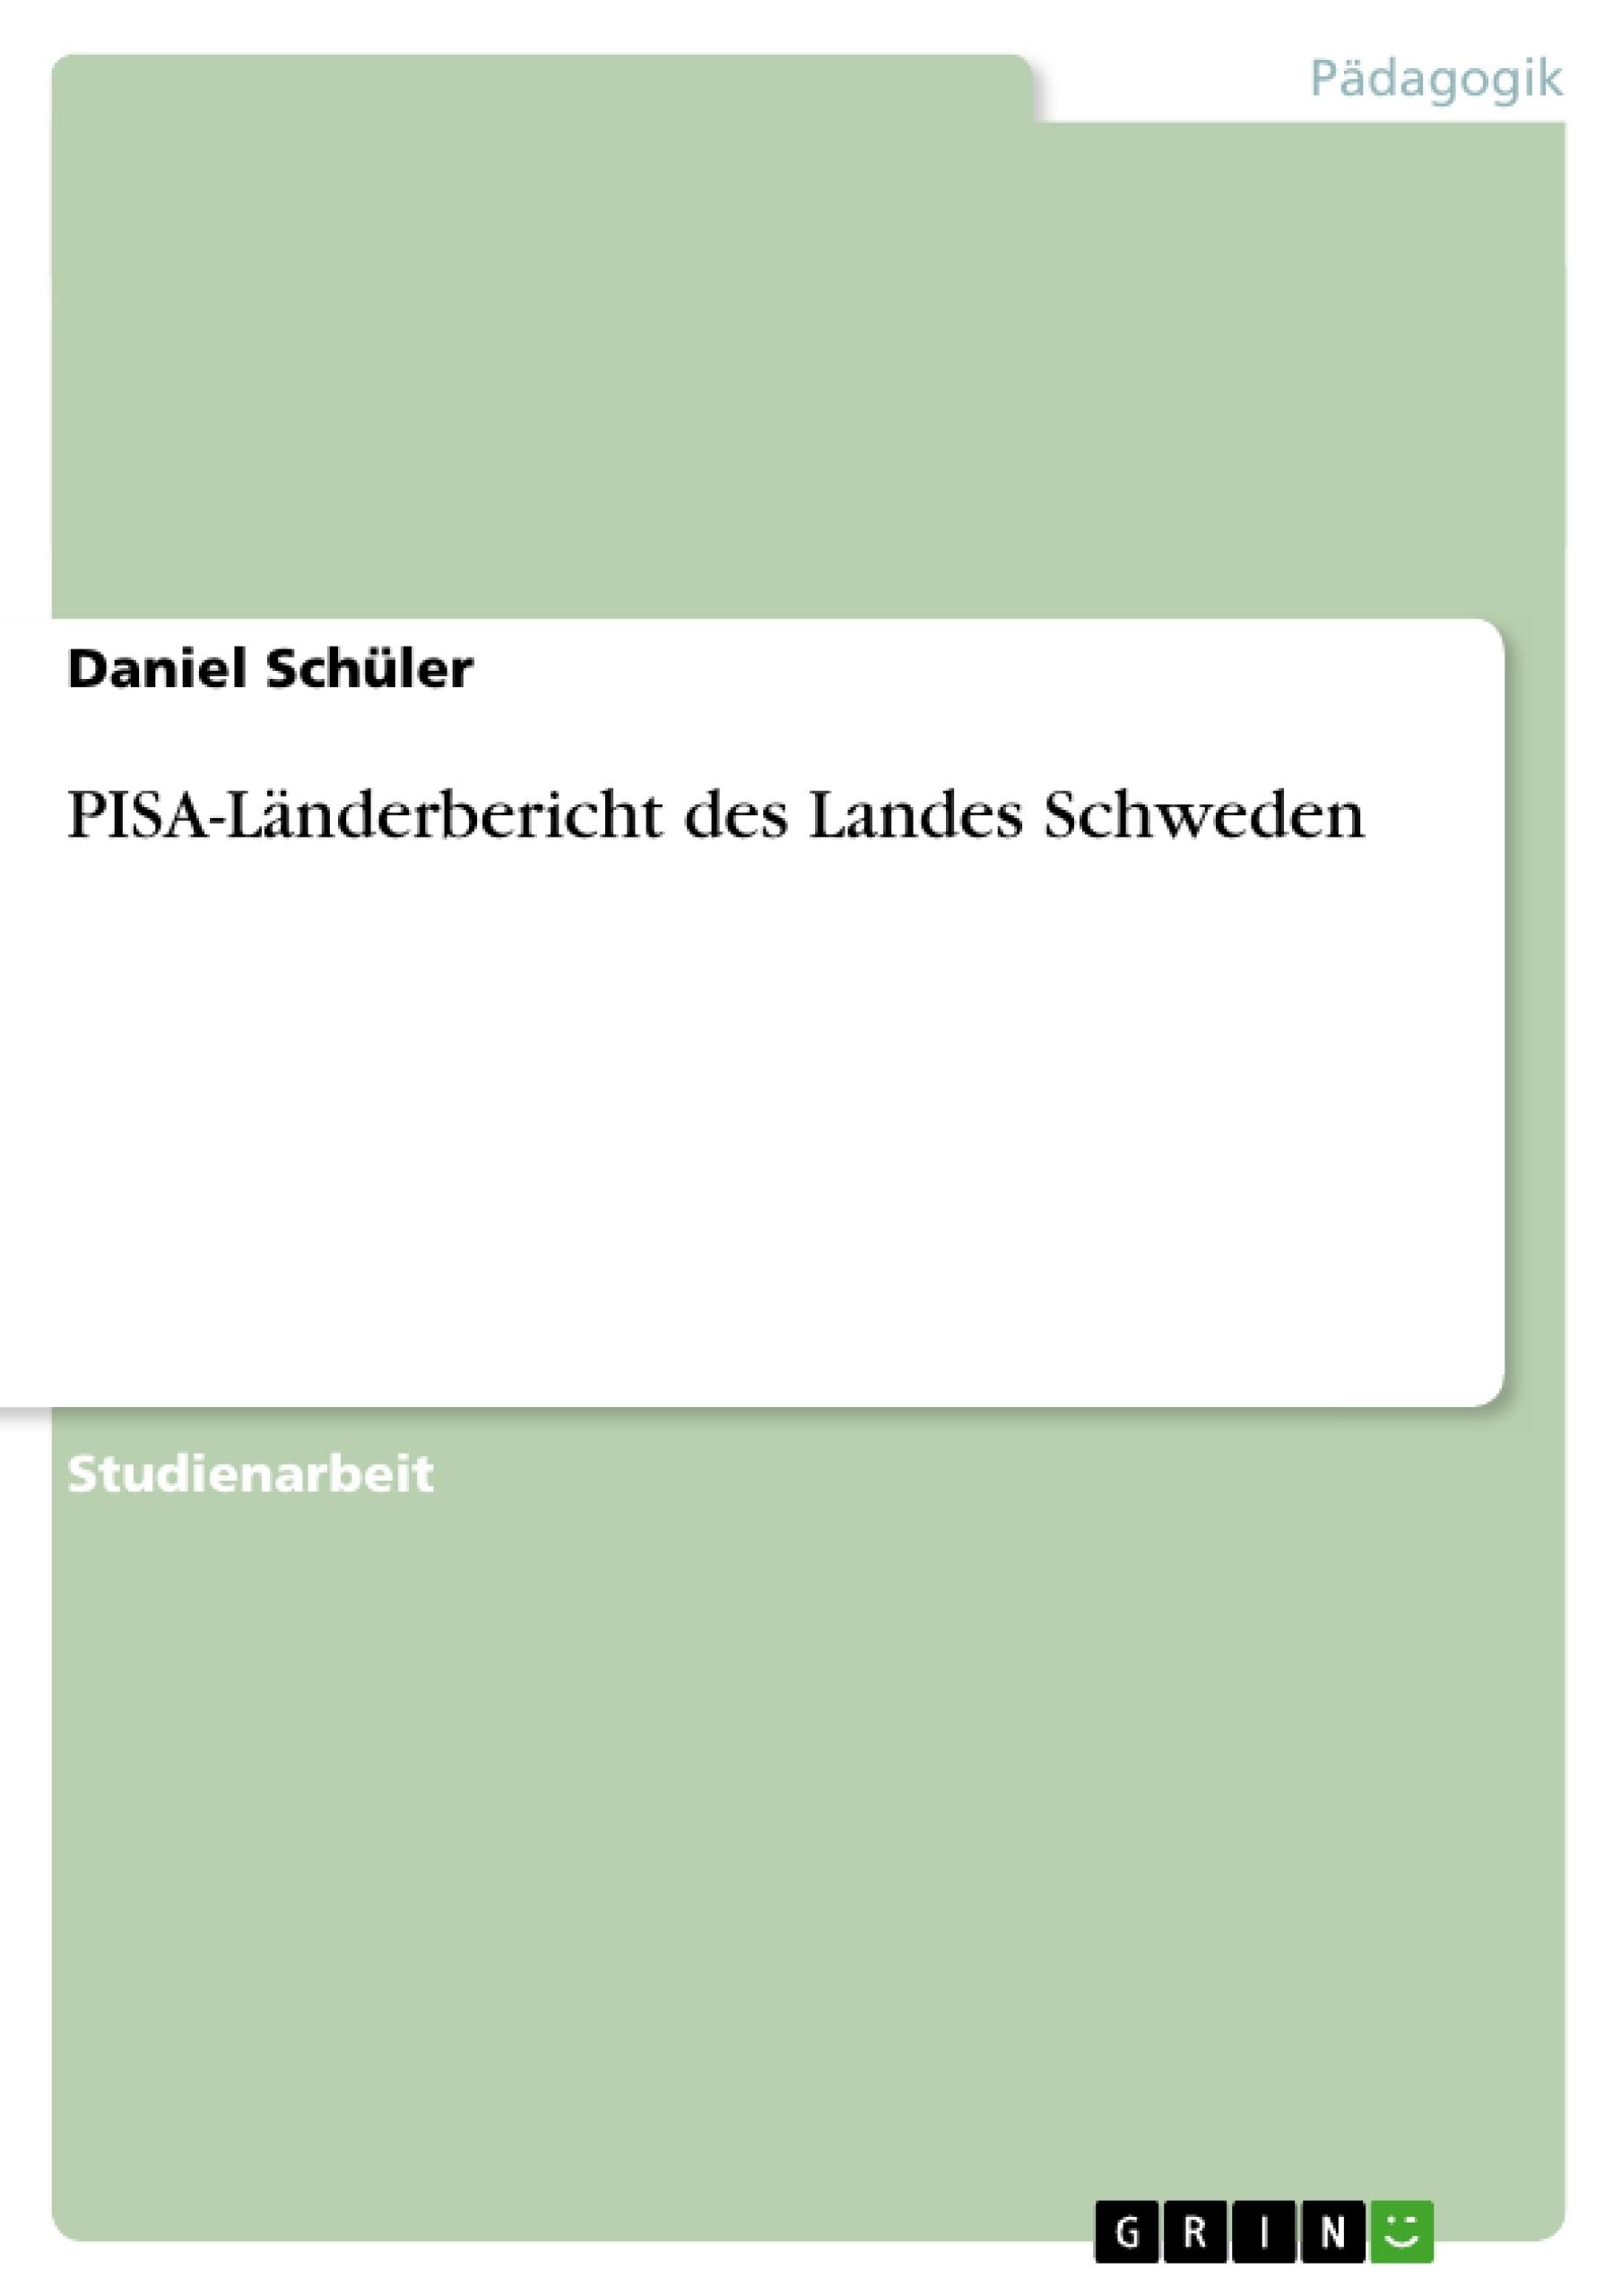 Titel: PISA-Länderbericht des Landes Schweden